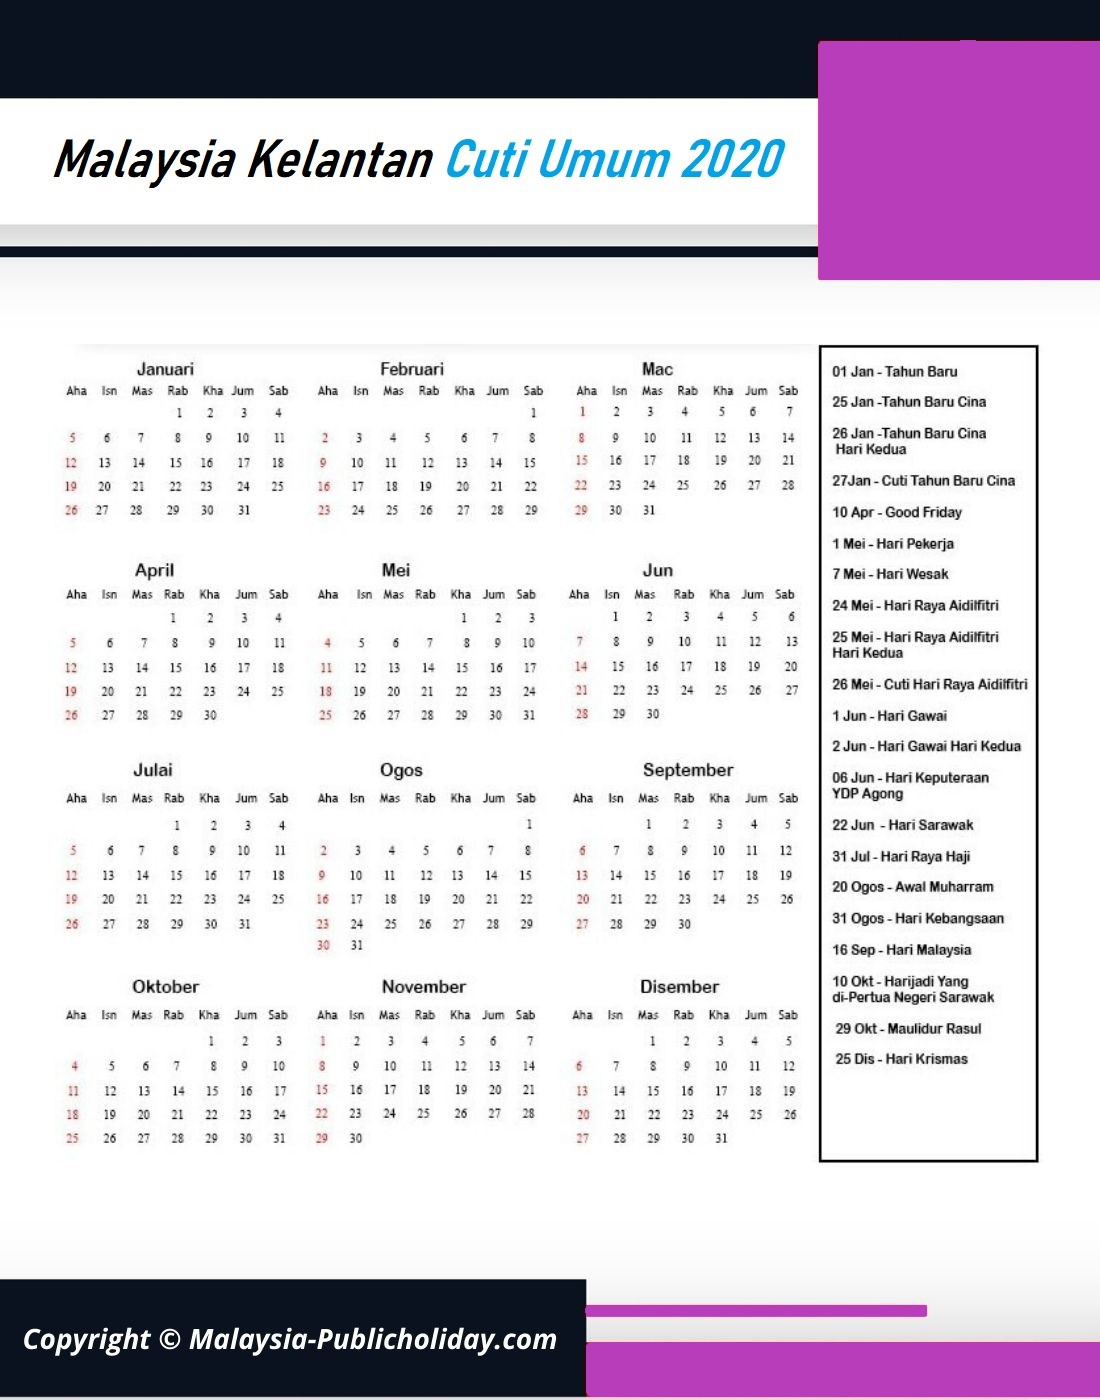 Cuti Umum Kelantan 2020 Malaysia